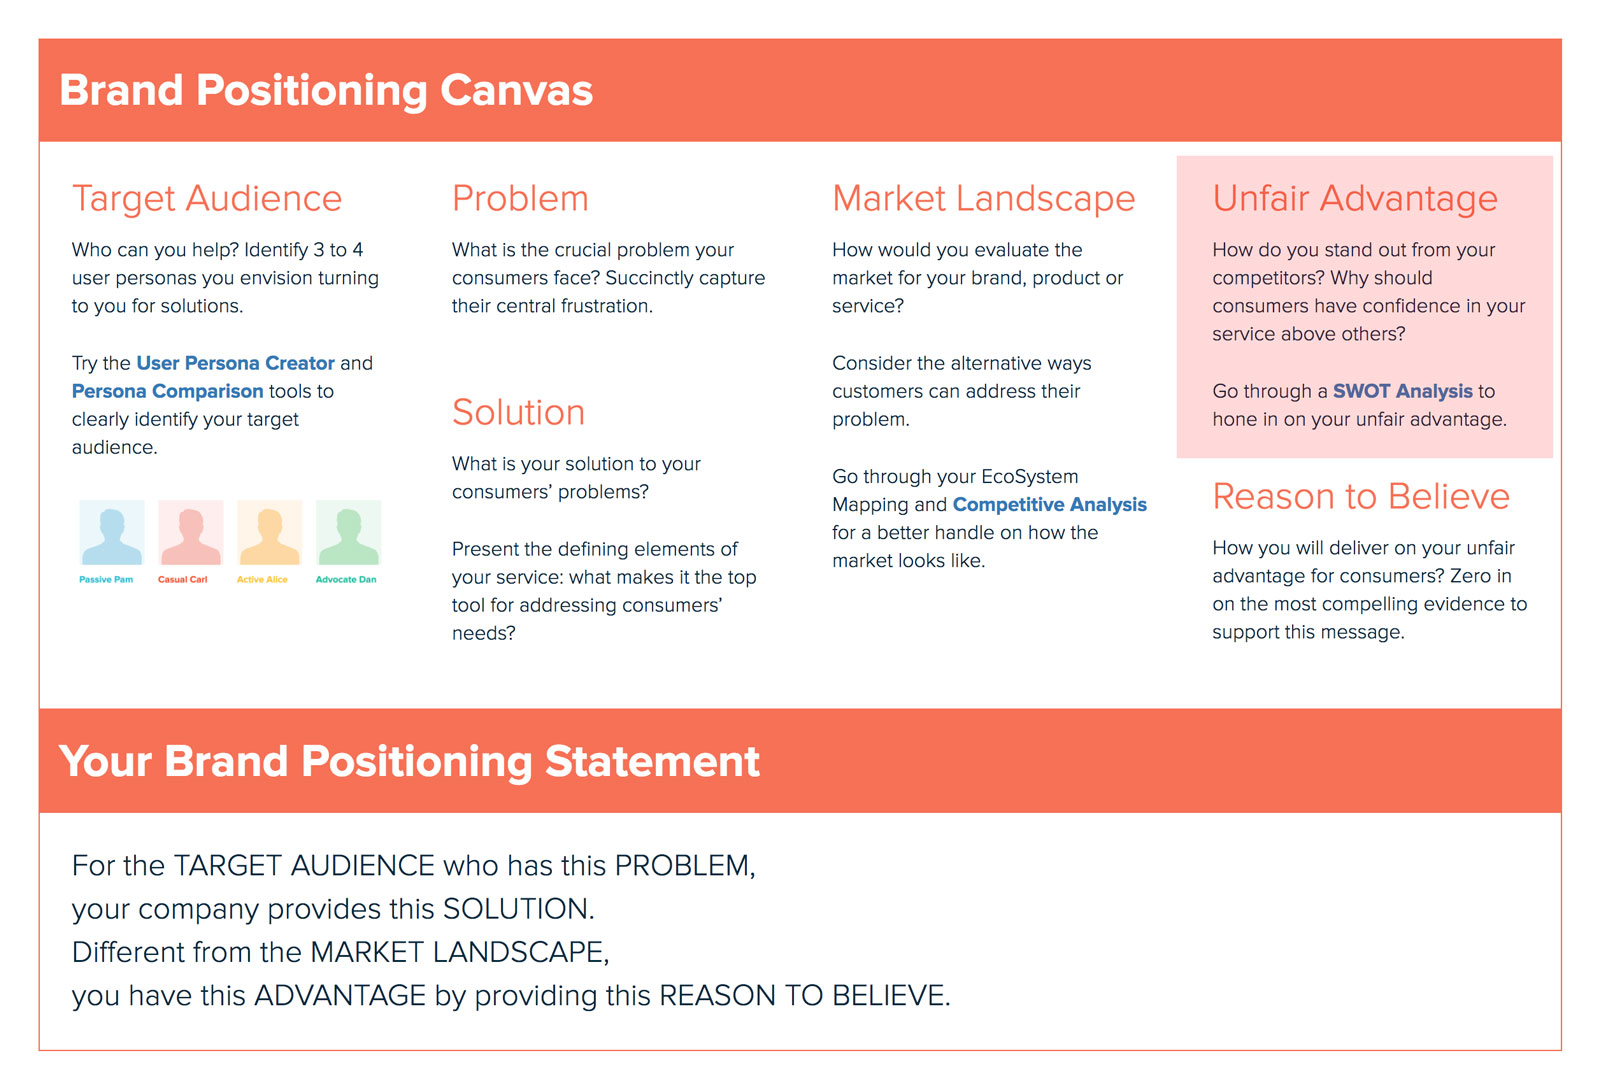 unfair advantage brand positioning canvas